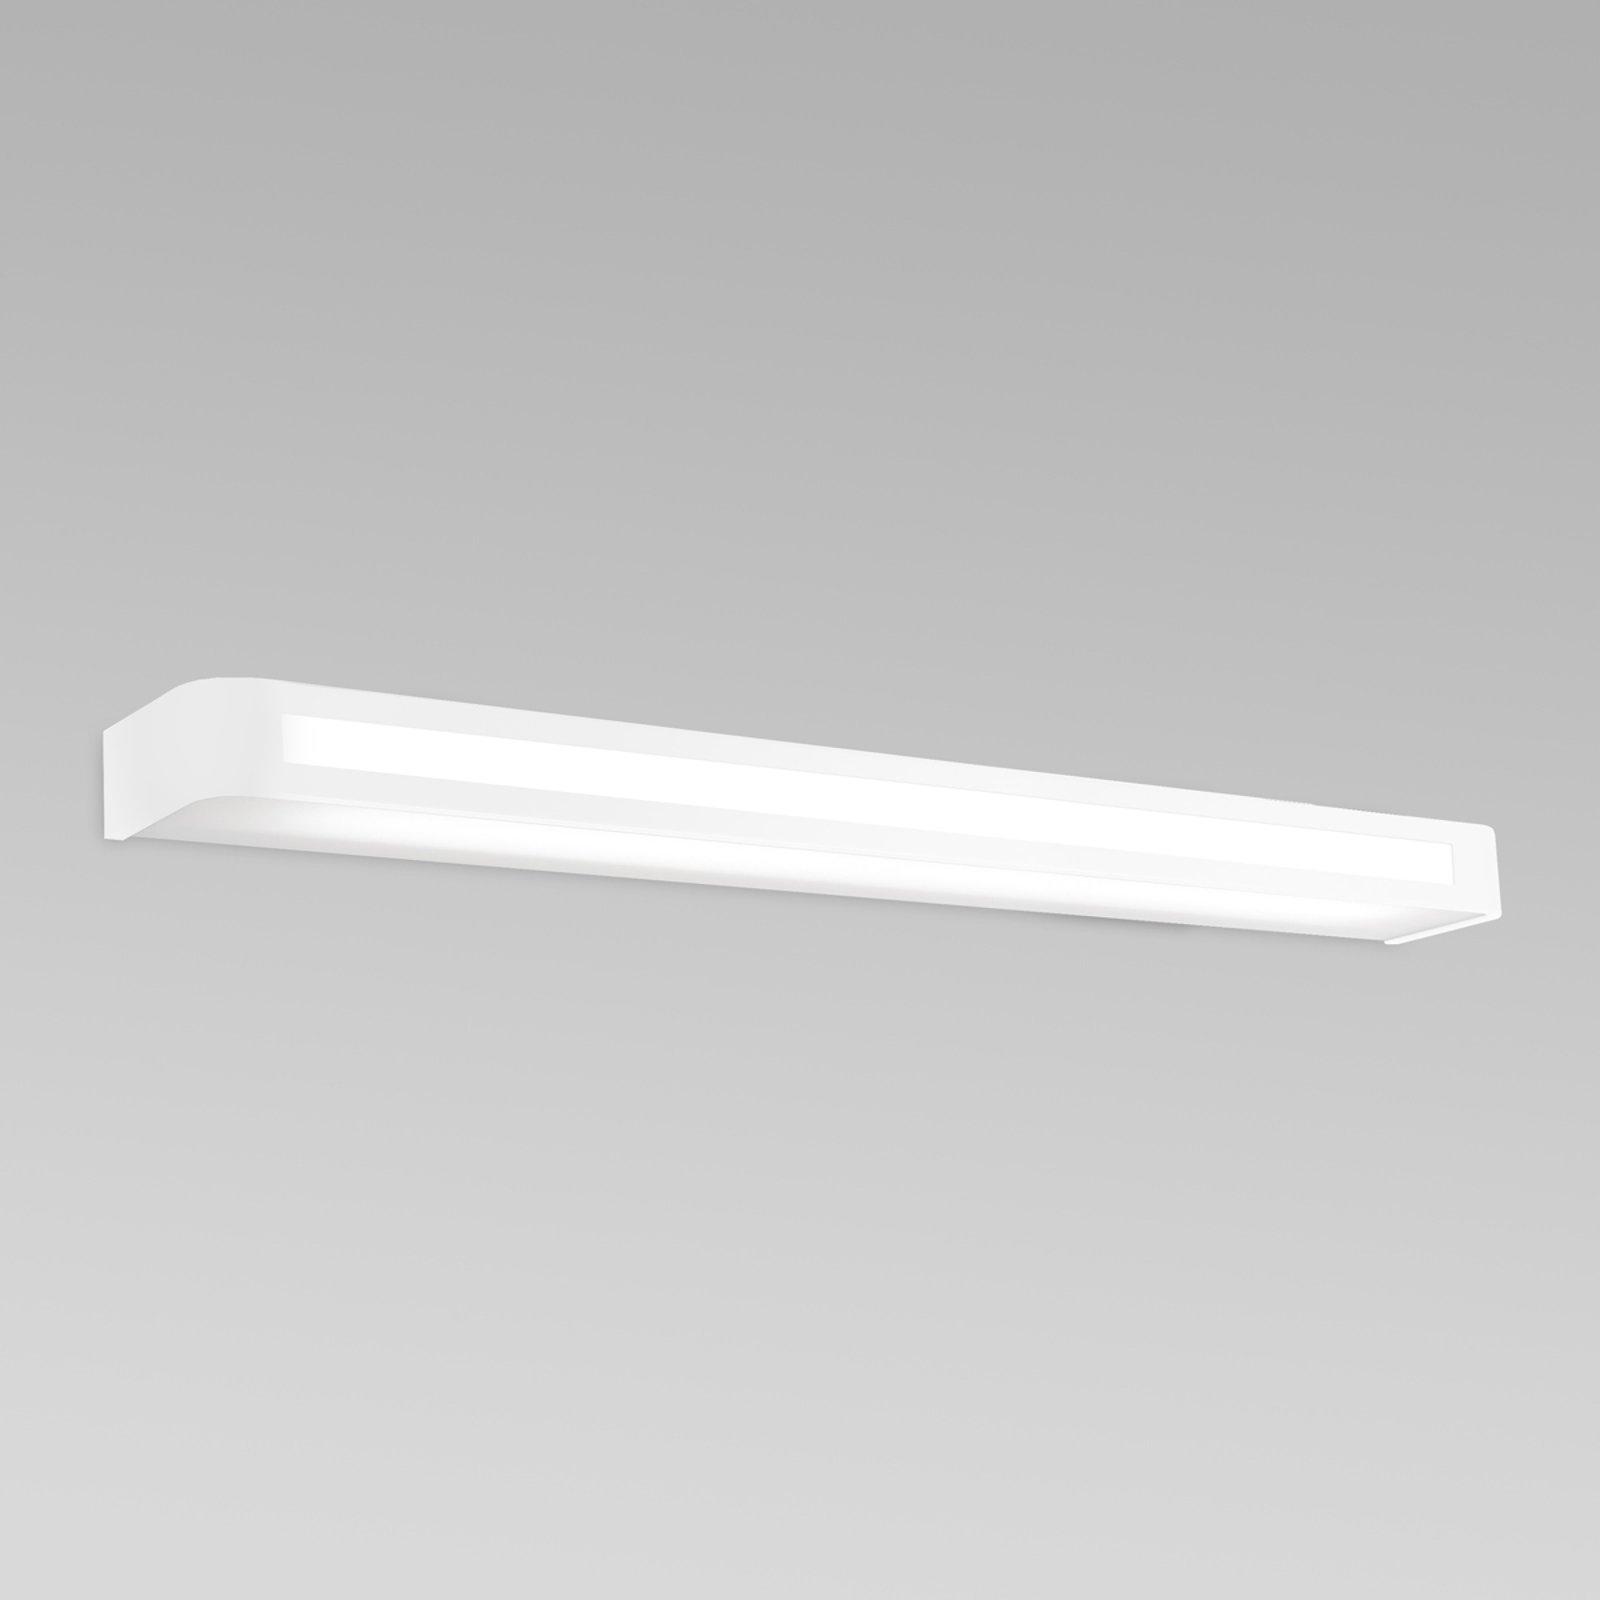 Tidløs LED-vegglampe Arcos, IP20 90 cm, hvit